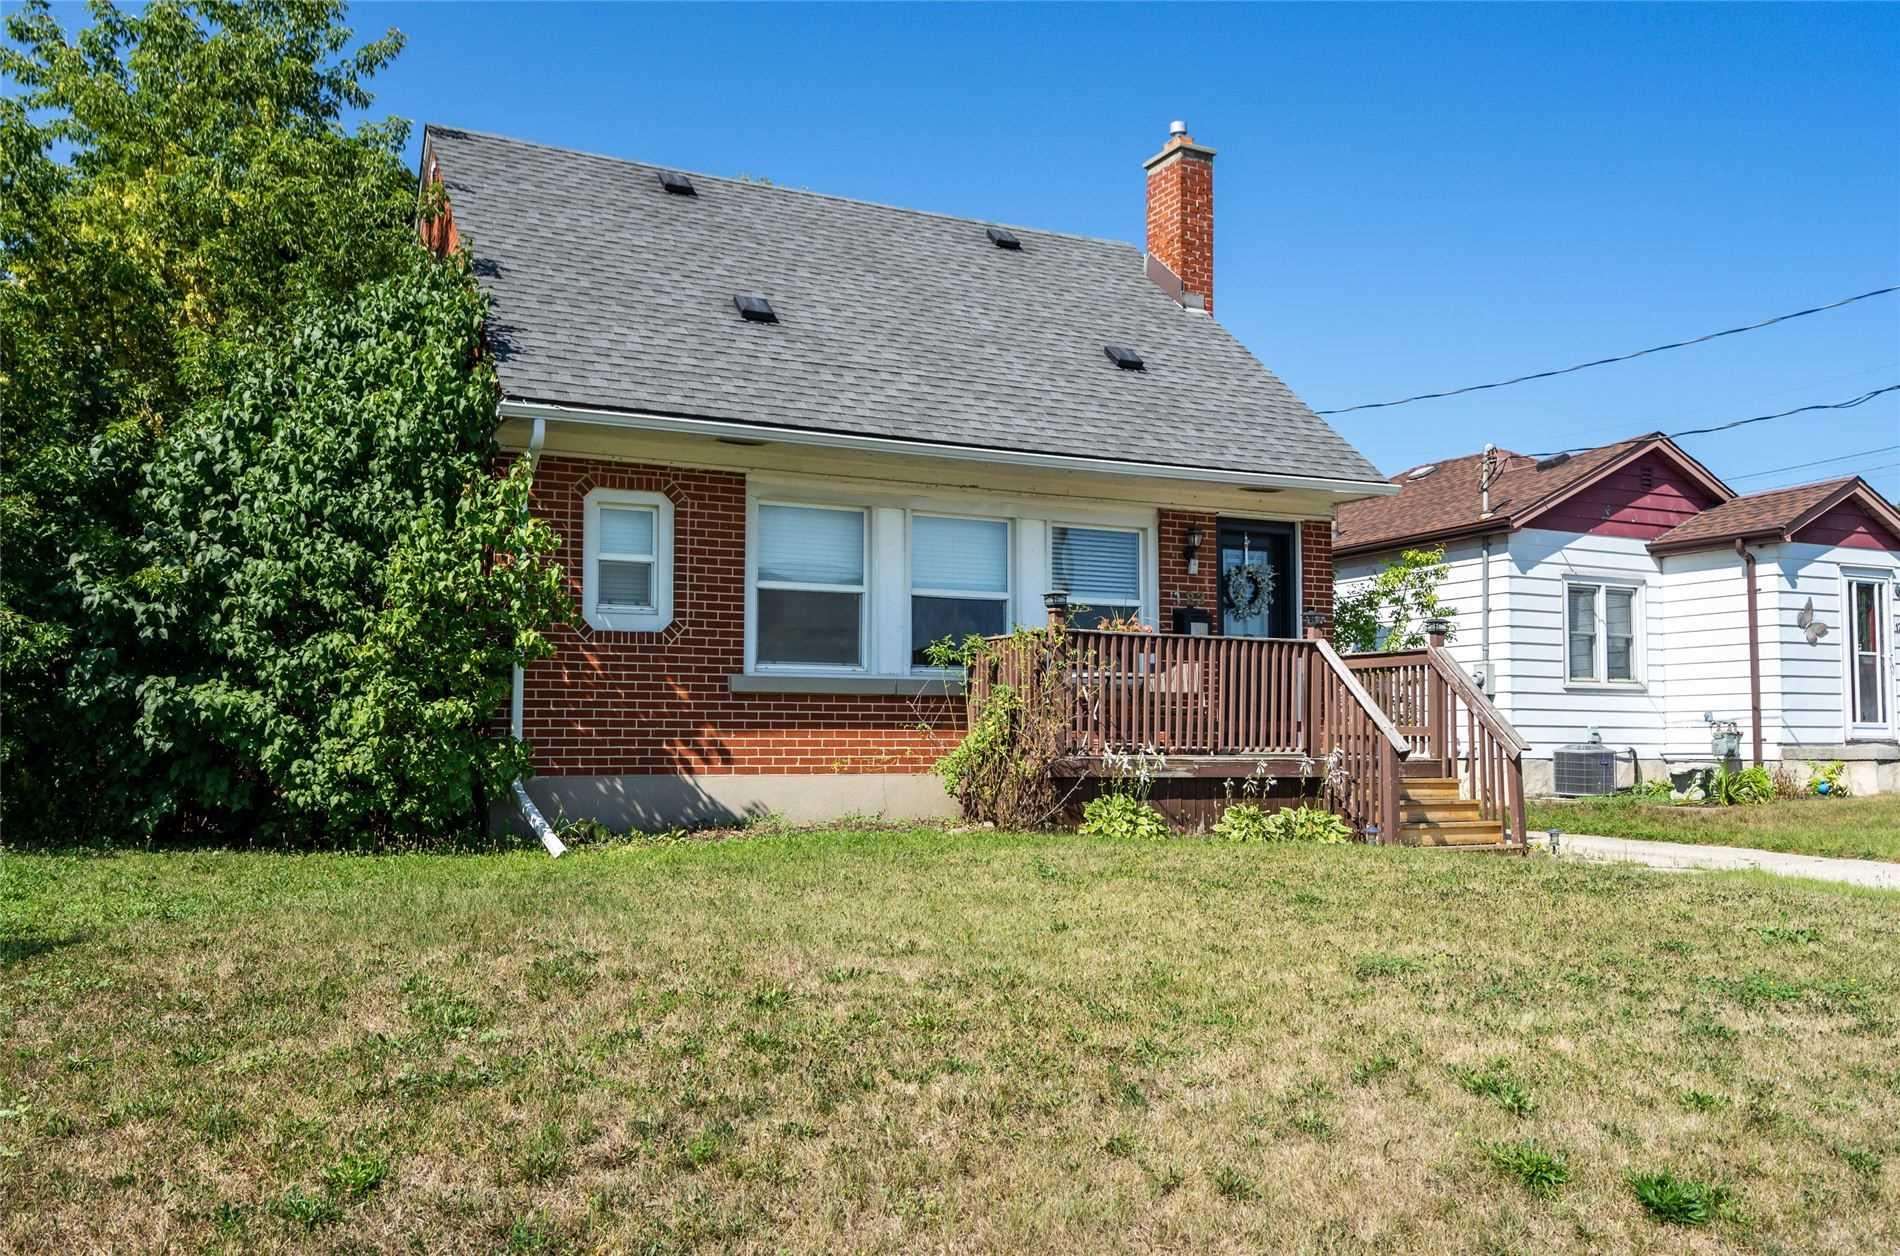 123 Birch Ave, Kitchener, Ontario N2H4W6, 3 Bedrooms Bedrooms, 6 Rooms Rooms,2 BathroomsBathrooms,Detached,For Sale,Birch,X5351852